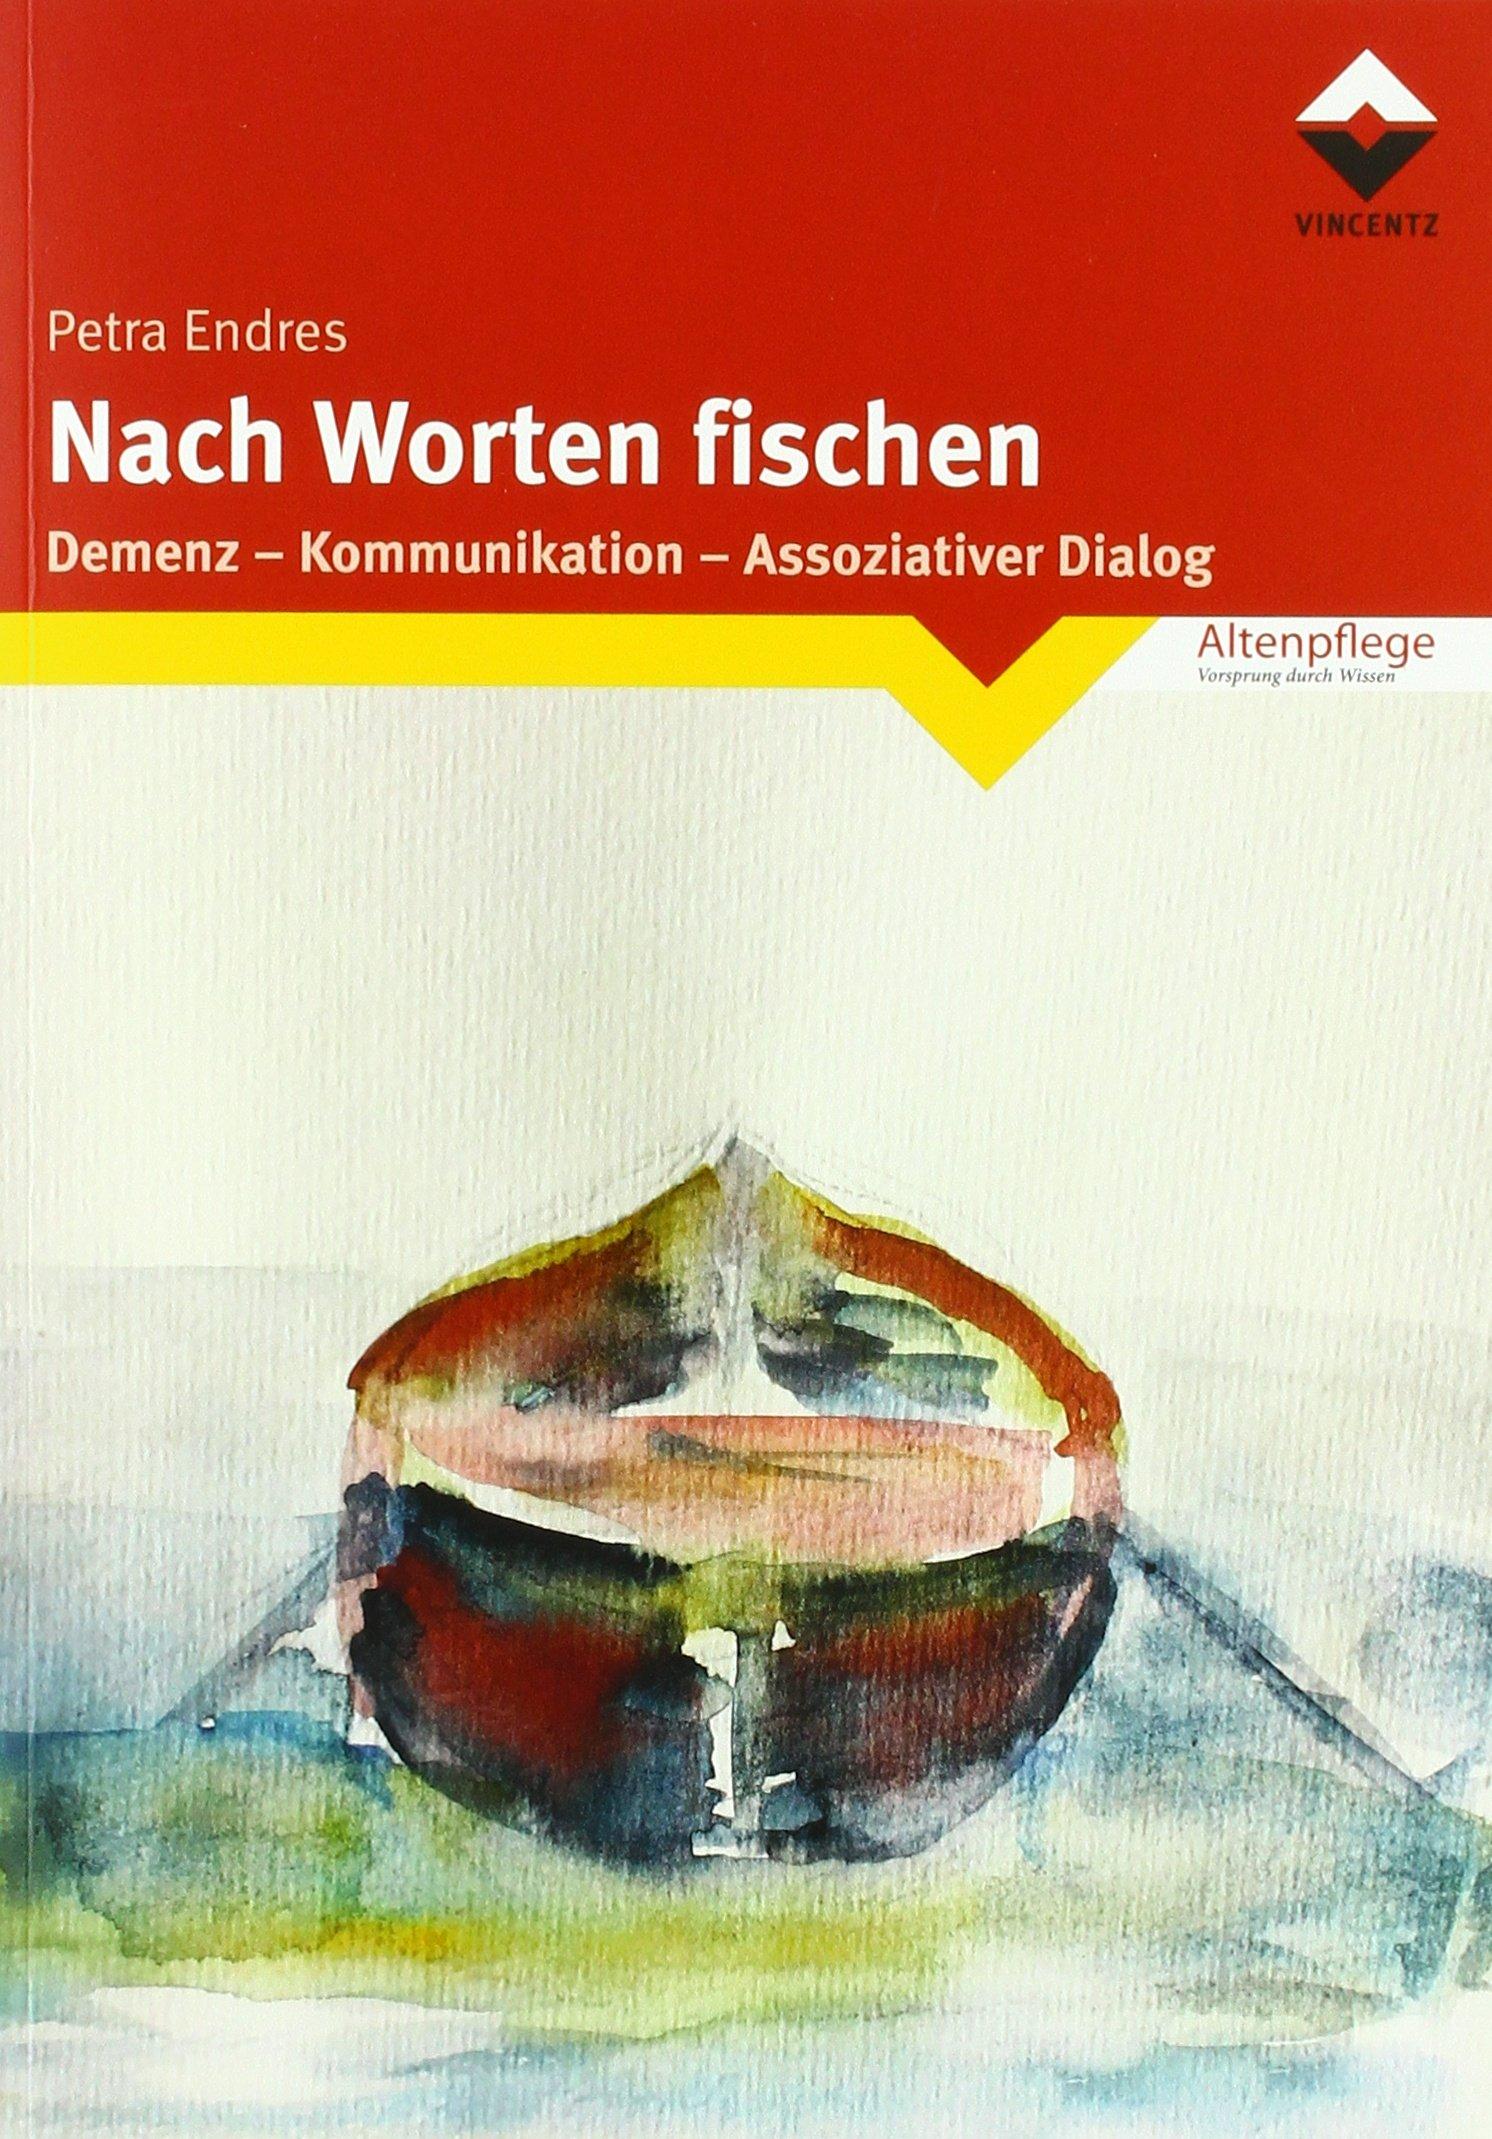 nach-worten-fischen-demenz-kommunikation-assoziativer-dialog